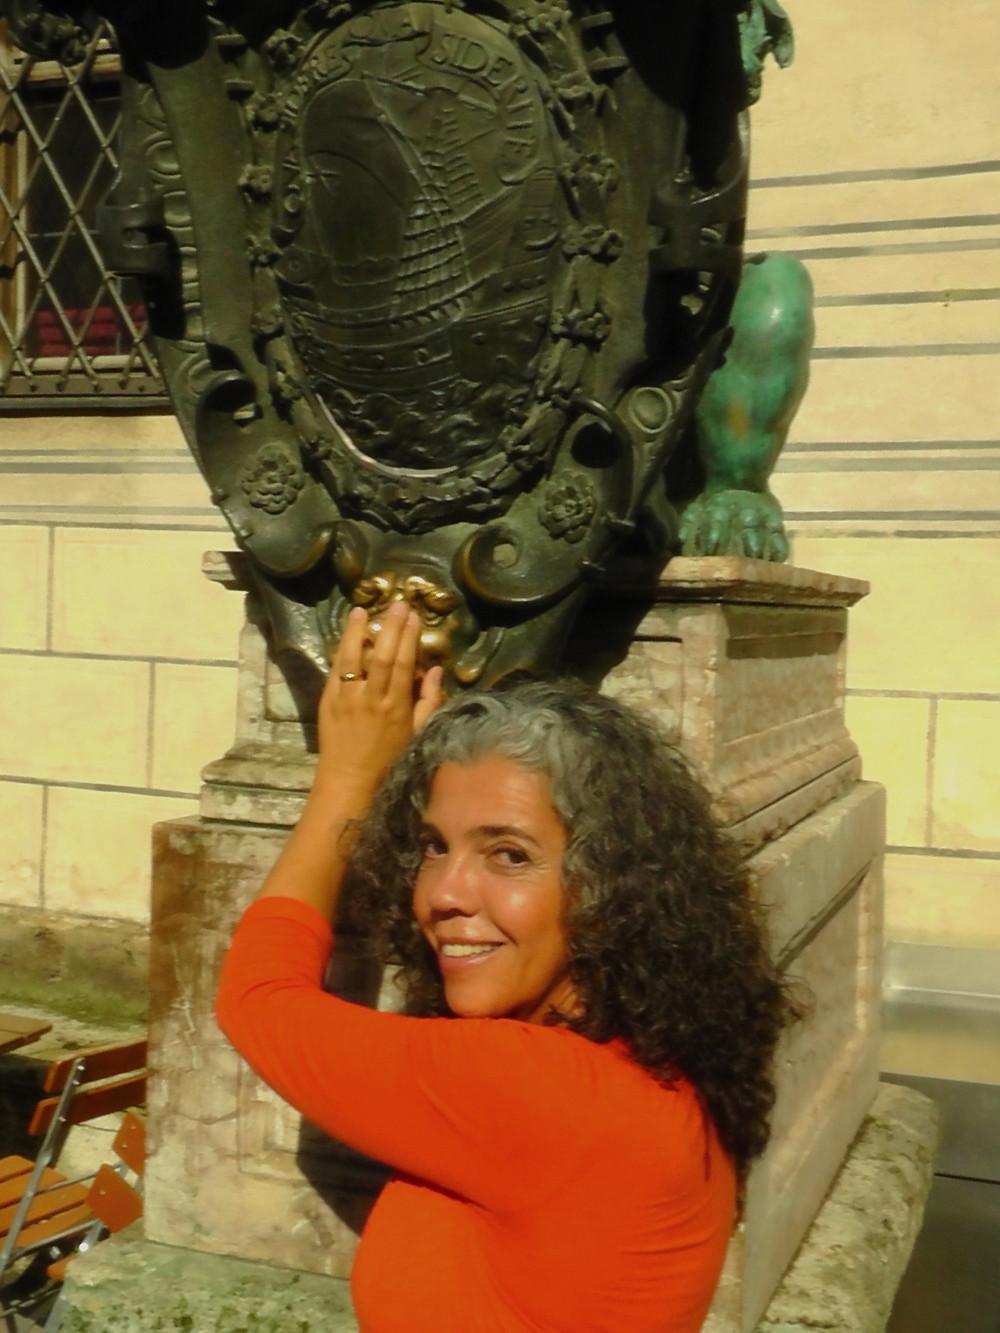 Sonaira d' Ávila e o leão do Residenz em Munique